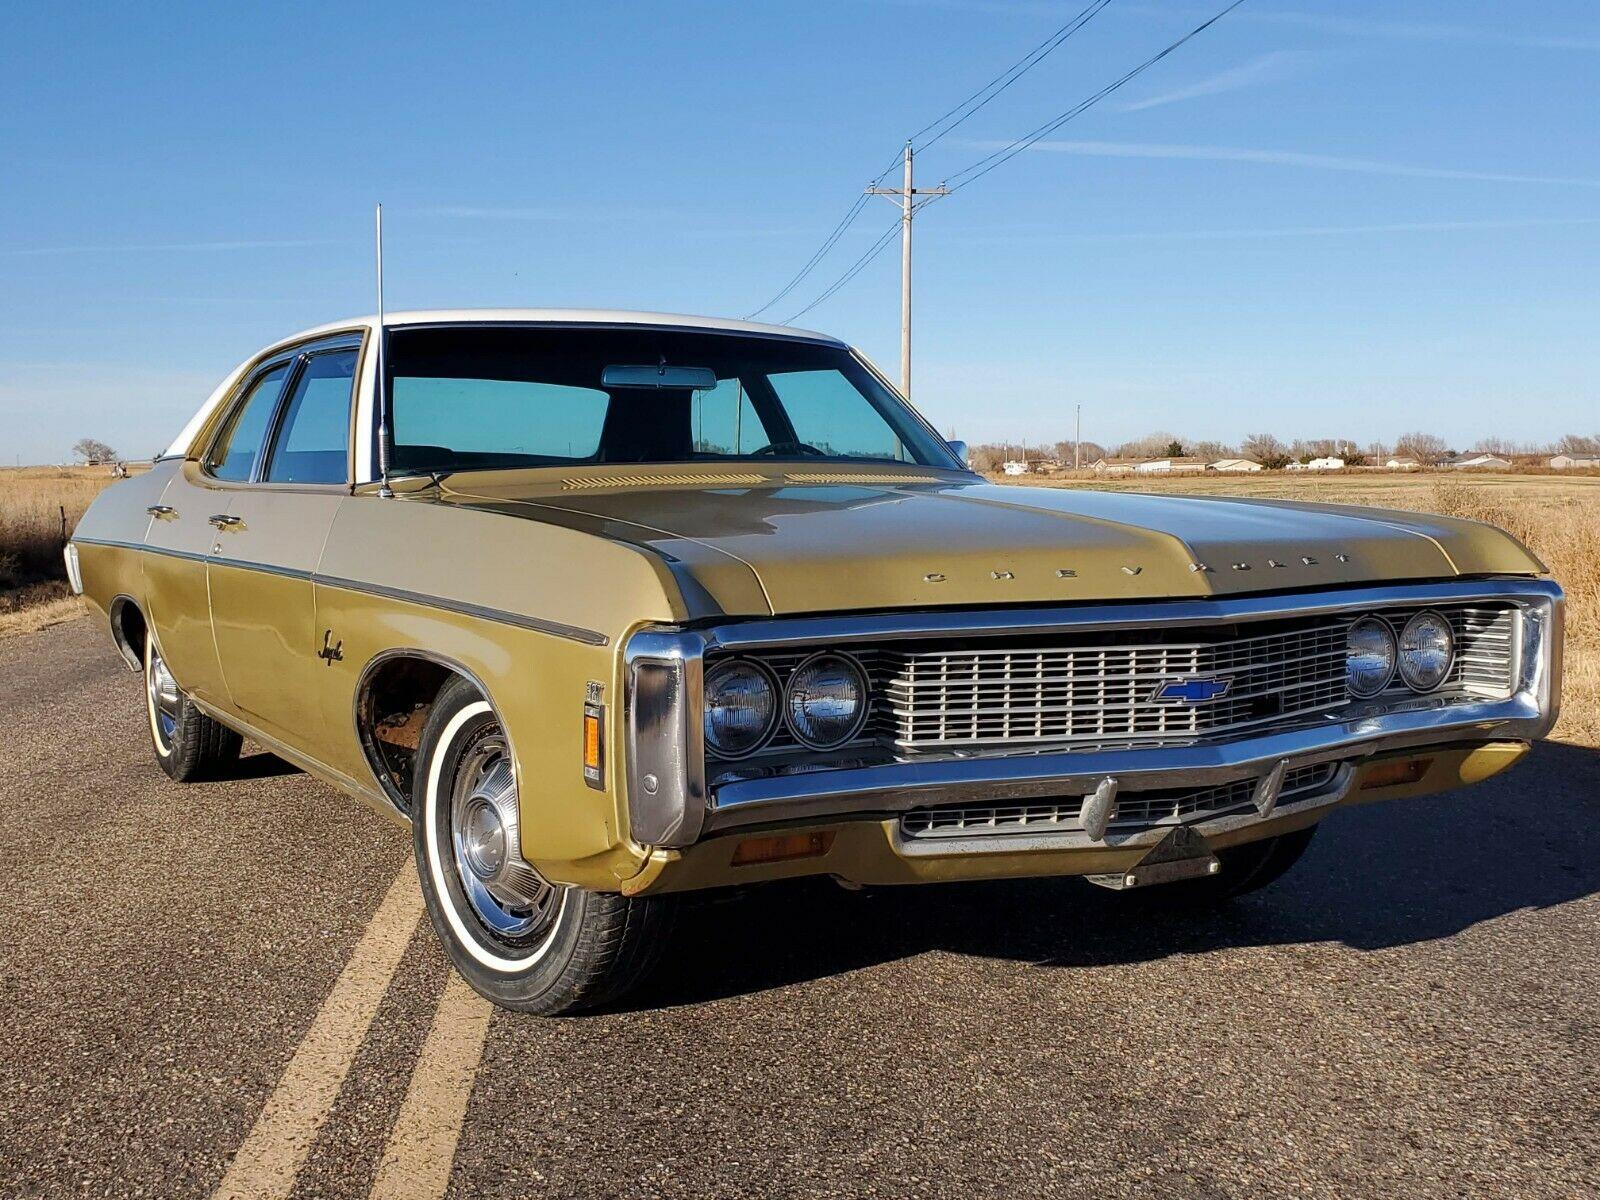 Kekurangan Chevrolet Impala 1969 Top Model Tahun Ini